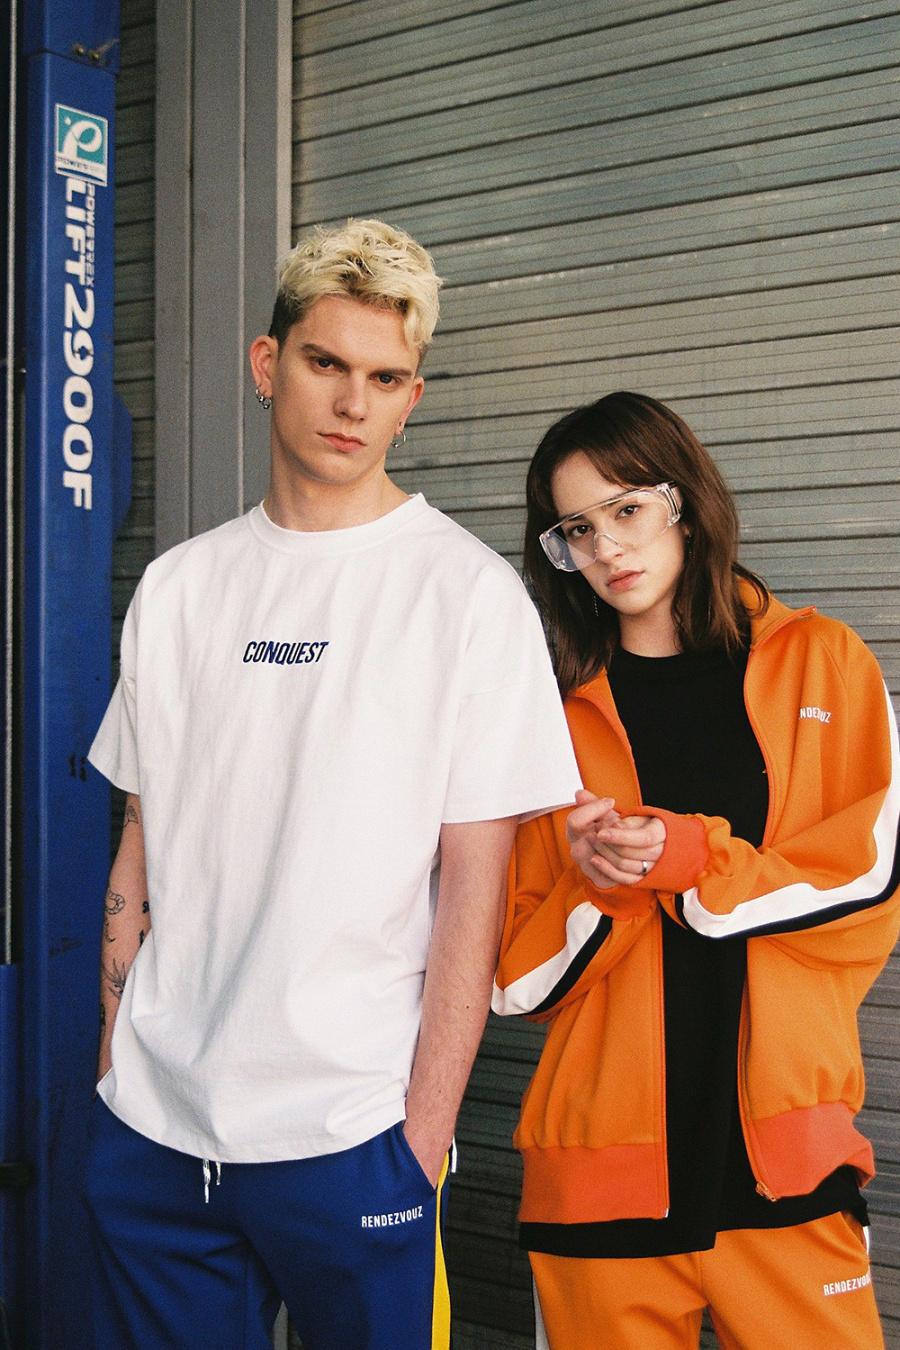 알디브이제트(RDVZ) 컨퀘스트 티셔츠 화이트